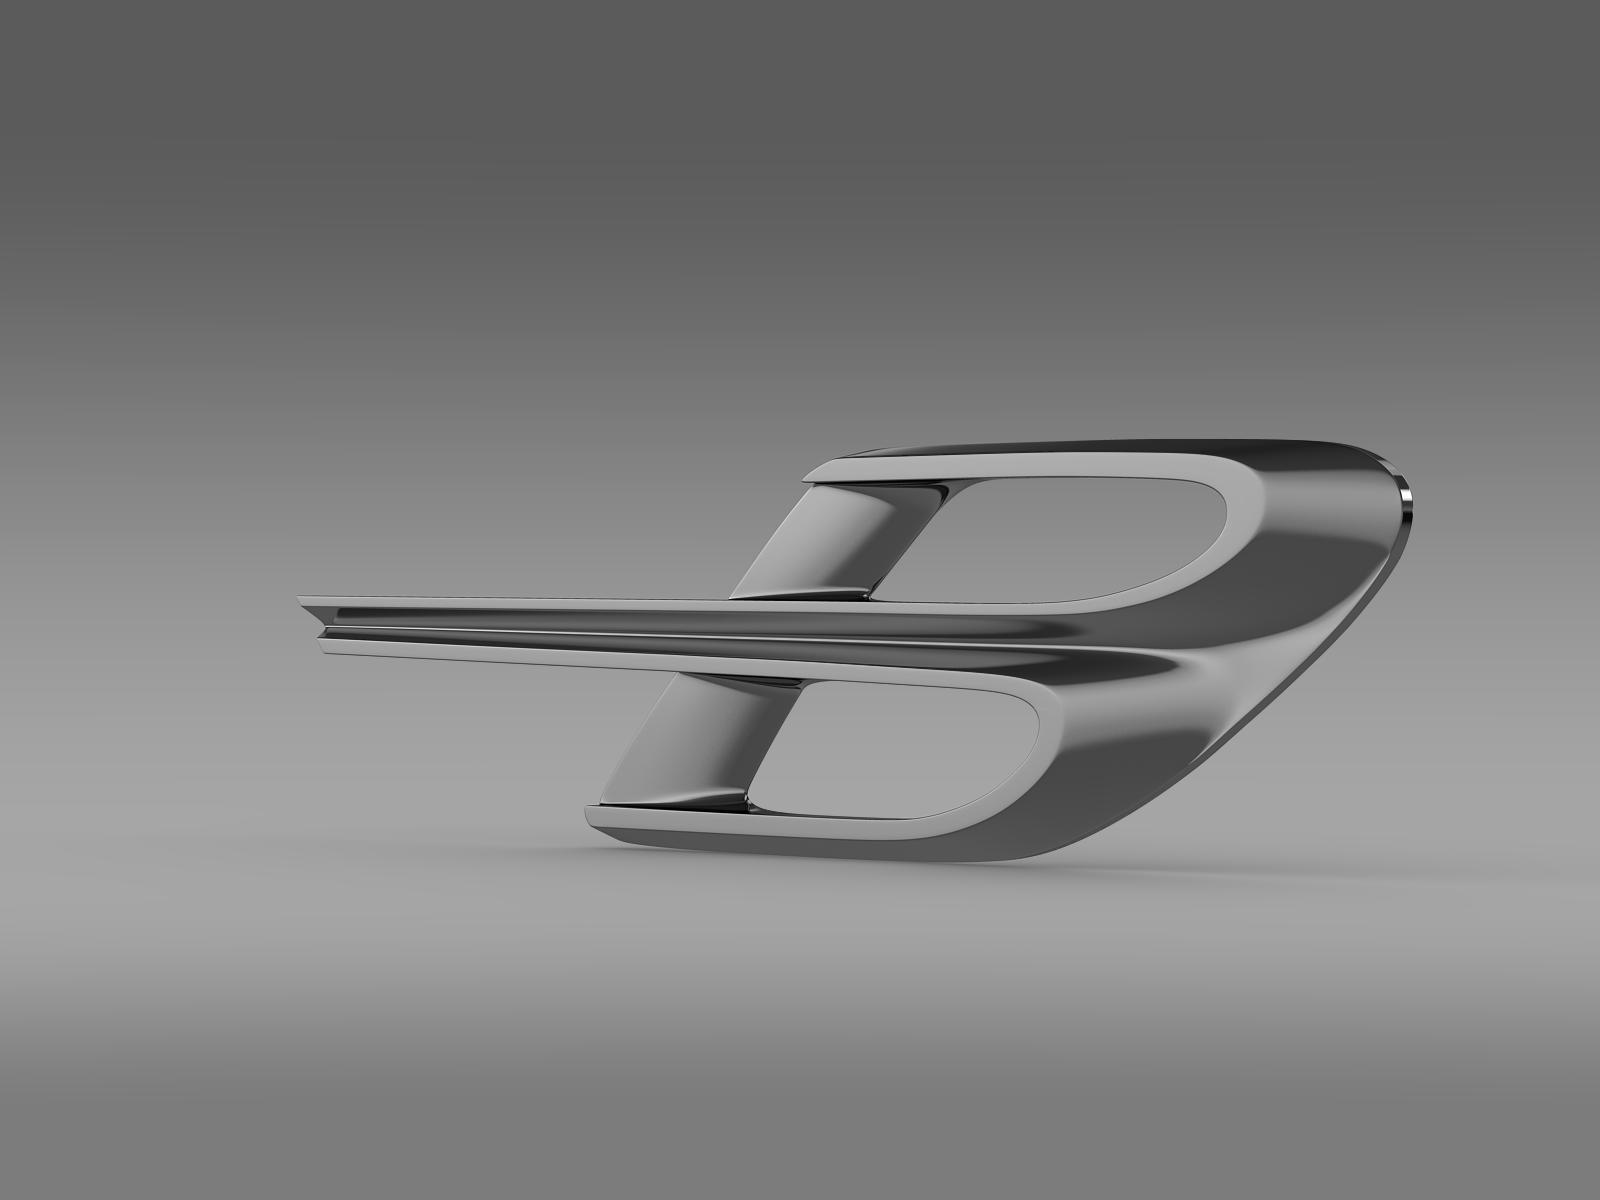 Bentley logo 3d model 3ds max fbx c4d lwo lws lw ma mb  obj 208221